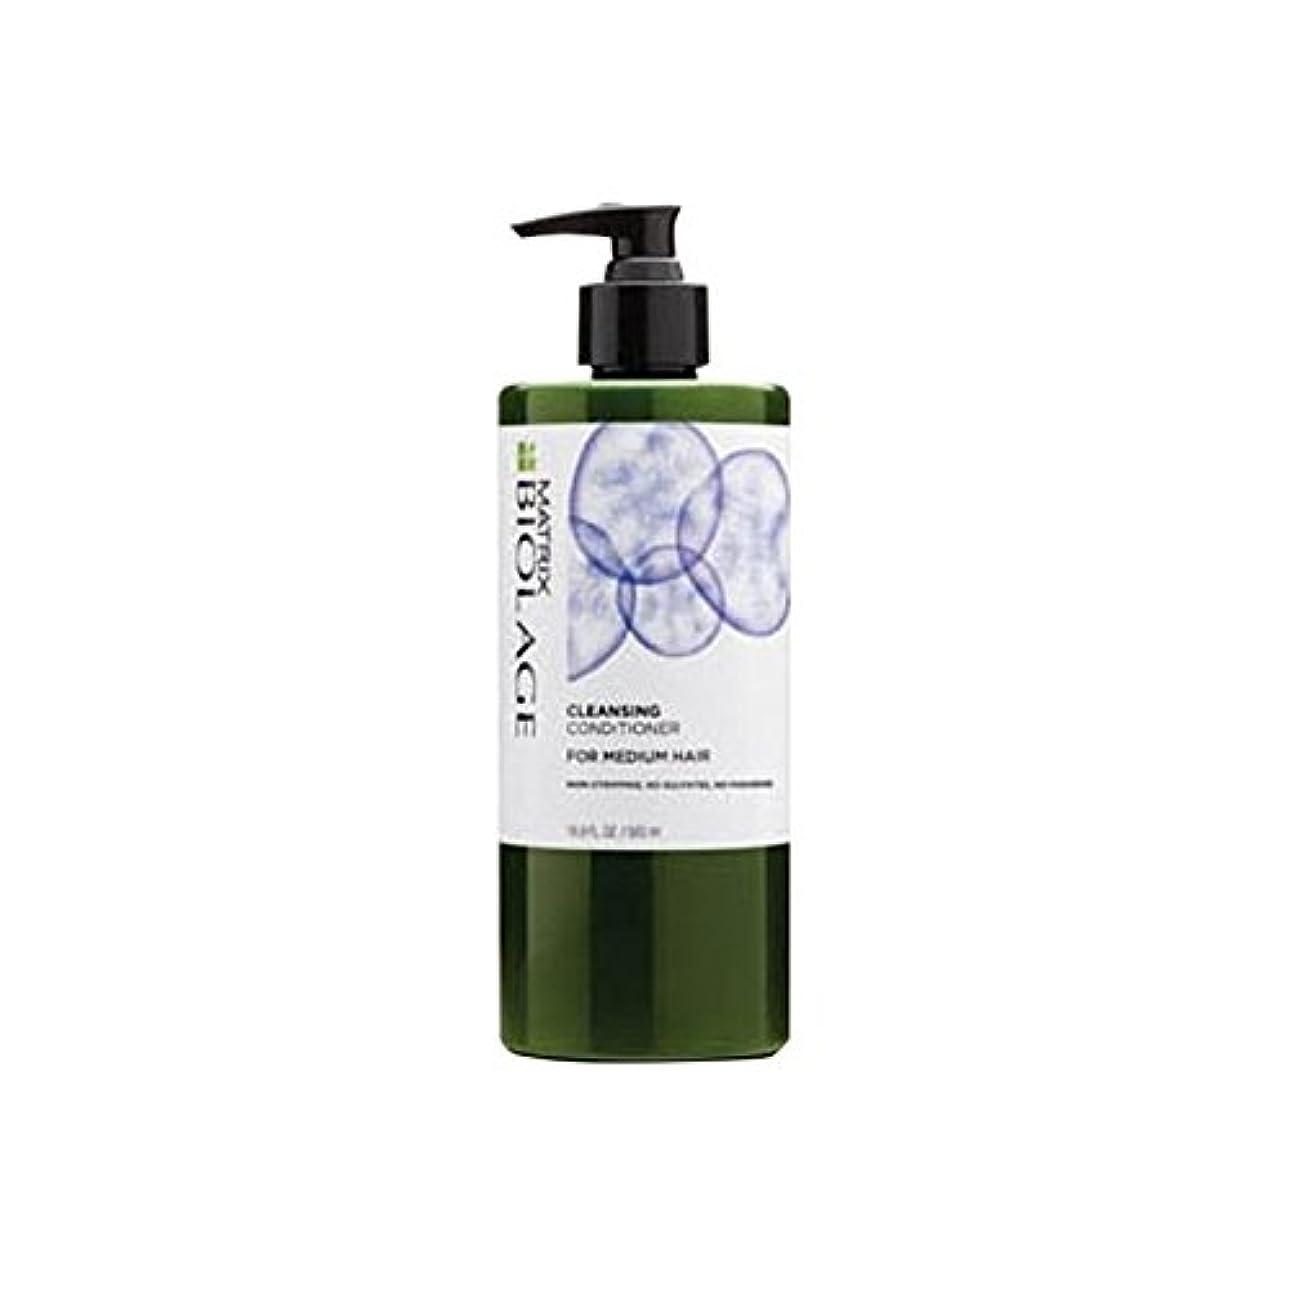 紛争ブレース残基マトリックスバイオレイジクレンジングコンディショナー - メディア髪(500ミリリットル) x4 - Matrix Biolage Cleansing Conditioner - Medium Hair (500ml) (Pack of 4) [並行輸入品]